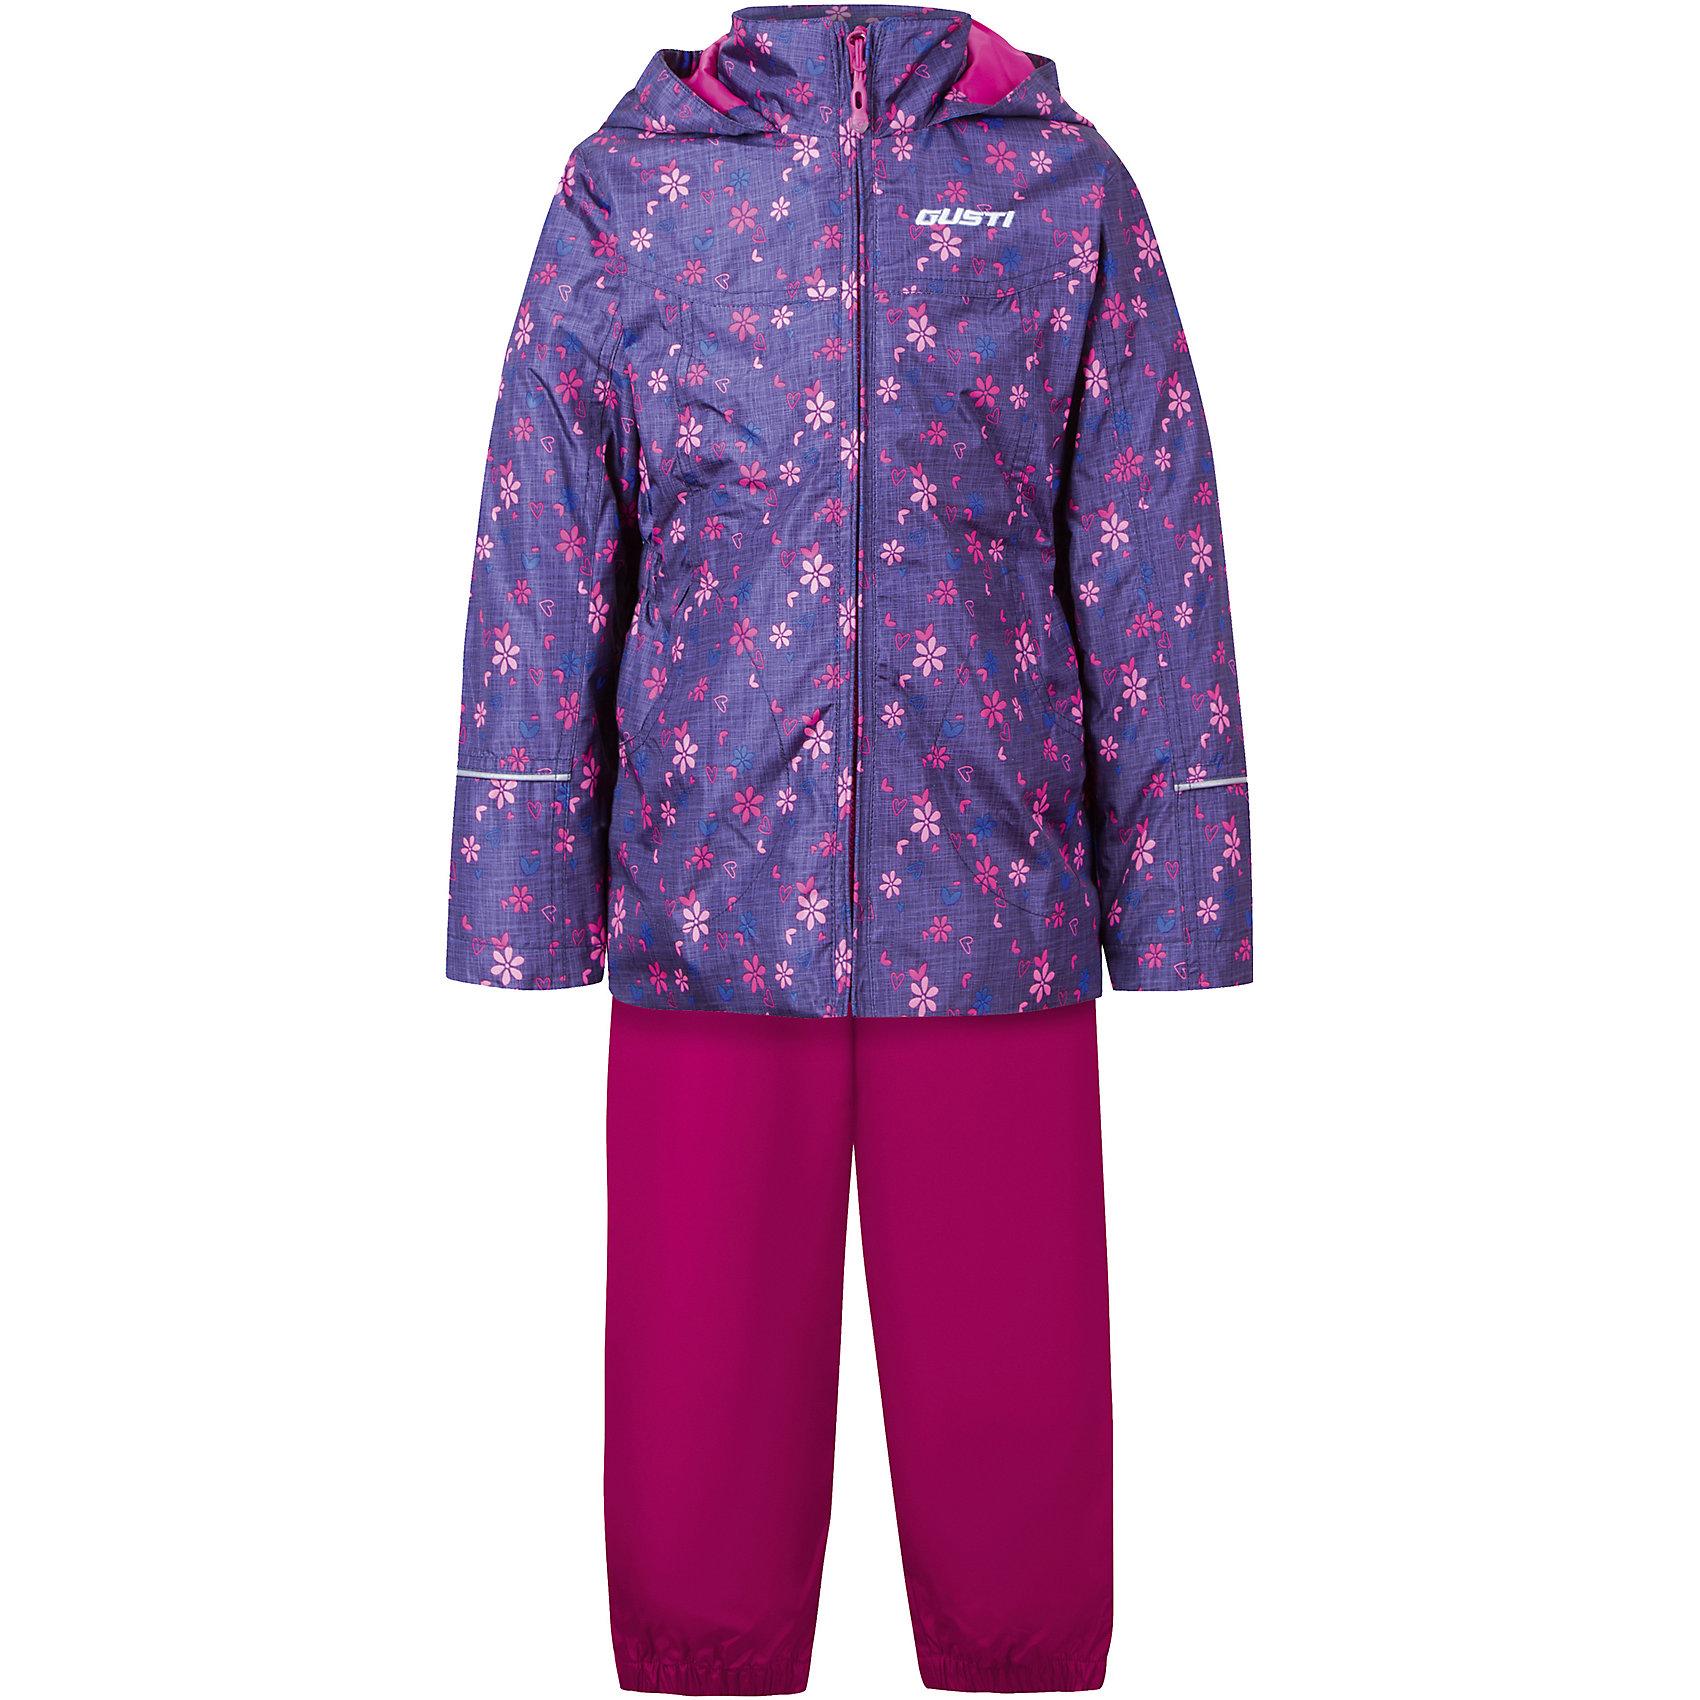 Комплект: куртка, толстовка и брюки для девочки GustiВерхняя одежда<br>Характеристики товара:<br><br>• цвет: фиолетовый/розовый<br>• состав: 100% полиэстер, подкладка, утеплитель - 100% полиэстер<br>• комплектация: куртка, съемная флисовая подкладка, брюки<br>• температурный режим: от +5° С до +15° С<br>• водонепроницаемый материал<br>• капюшон<br>• карманы<br>• съемные подтяжки<br>• брючины эластичные<br>• комфортная посадка<br>• светоотражающие элементы<br>• молния<br>• утеплитель: синтепон<br>• демисезонный<br>• страна бренда: Канада<br><br>Этот демисезонный комплект из куртки, пристегивающейся к ней толстовки из флиса, и штанов поможет обеспечить ребенку комфорт и тепло. Предметы удобно садятся по фигуре, отлично смотрятся с различной обувью. Комплект очень модно выглядит, он хорошо защищает от ветра и влаги. Материал отлично подходит для дождливой погоды. Стильный дизайн разрабатывался специально для детей.<br><br>Комплект: куртка, толстовка и брюки для девочки от известного бренда Gusti (Густи) можно купить в нашем интернет-магазине.<br><br>Ширина мм: 356<br>Глубина мм: 10<br>Высота мм: 245<br>Вес г: 519<br>Цвет: синий<br>Возраст от месяцев: 18<br>Возраст до месяцев: 24<br>Пол: Женский<br>Возраст: Детский<br>Размер: 92,152,98,100,104,110,116,120,122,128,140<br>SKU: 5452464